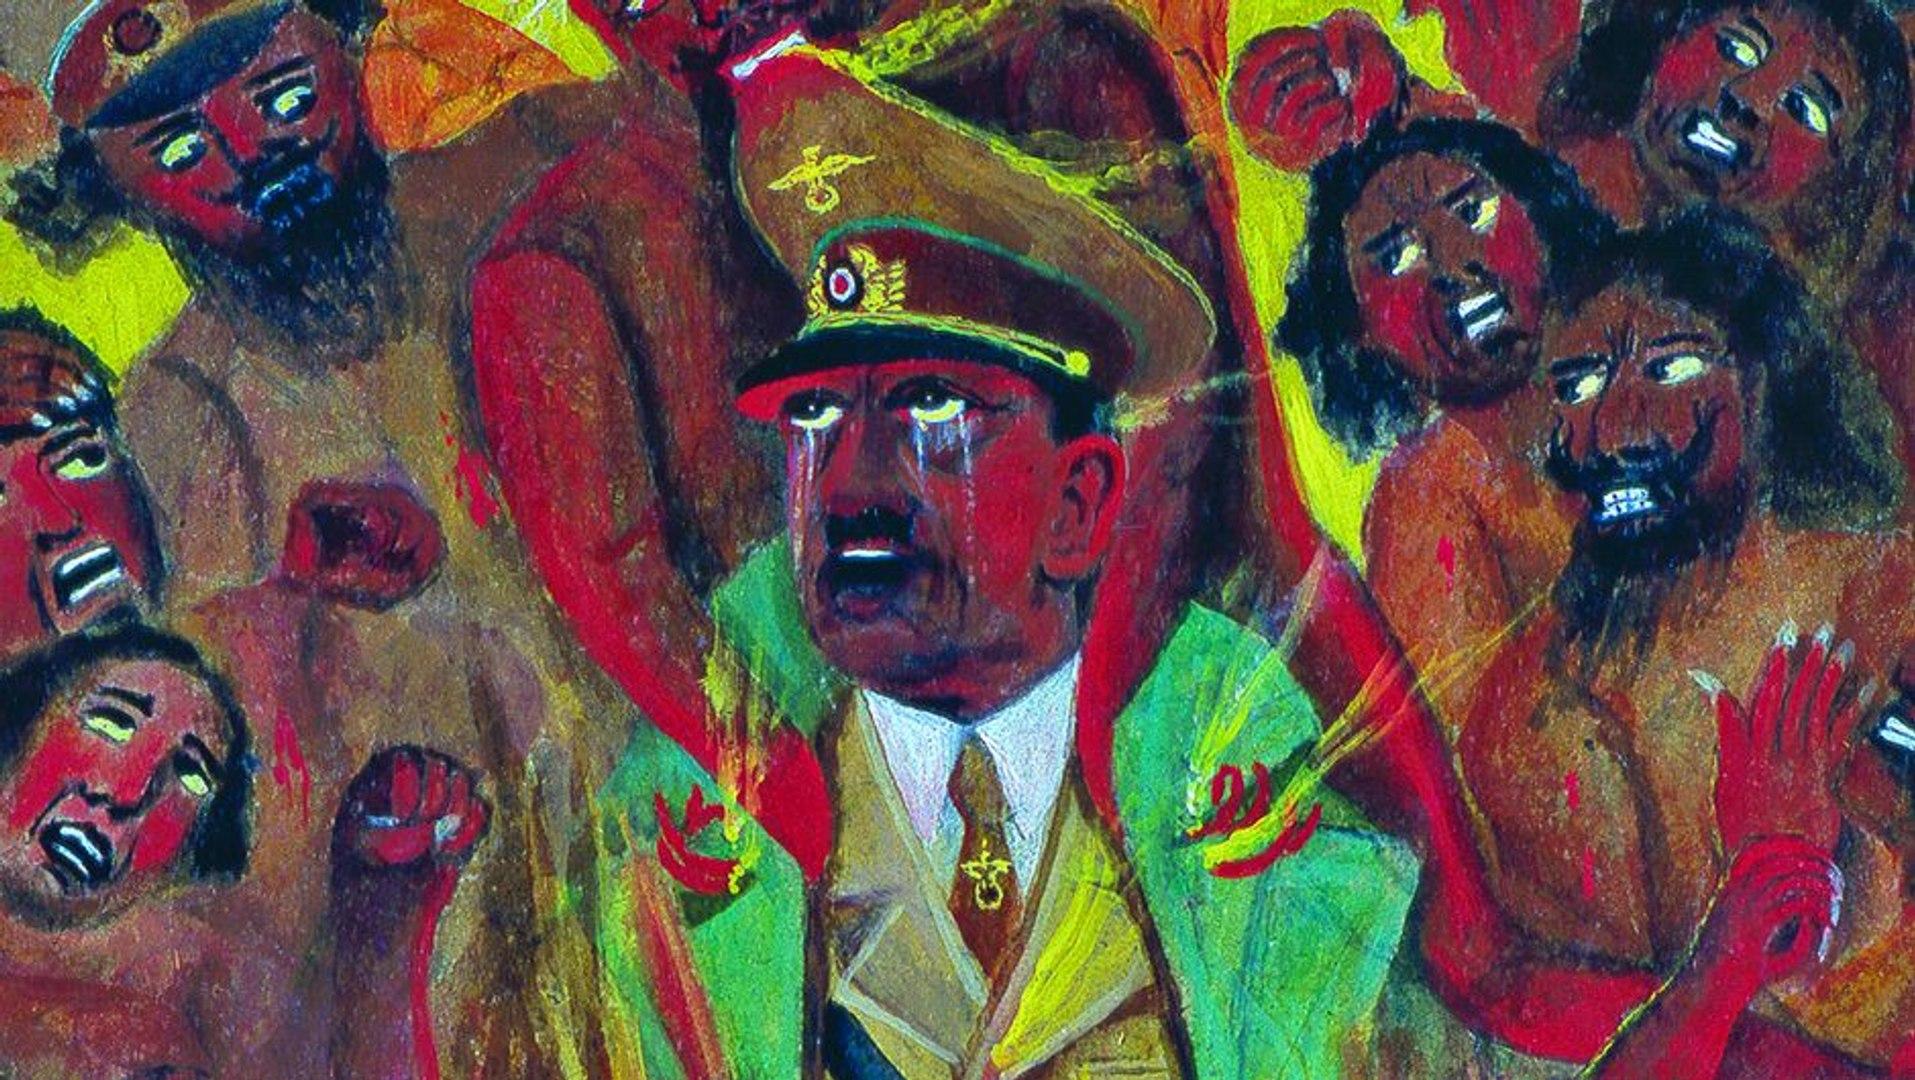 Hitler En Enfer Le Reve Du Peintre Joseph Steib Hd 2017 Video Dailymotion